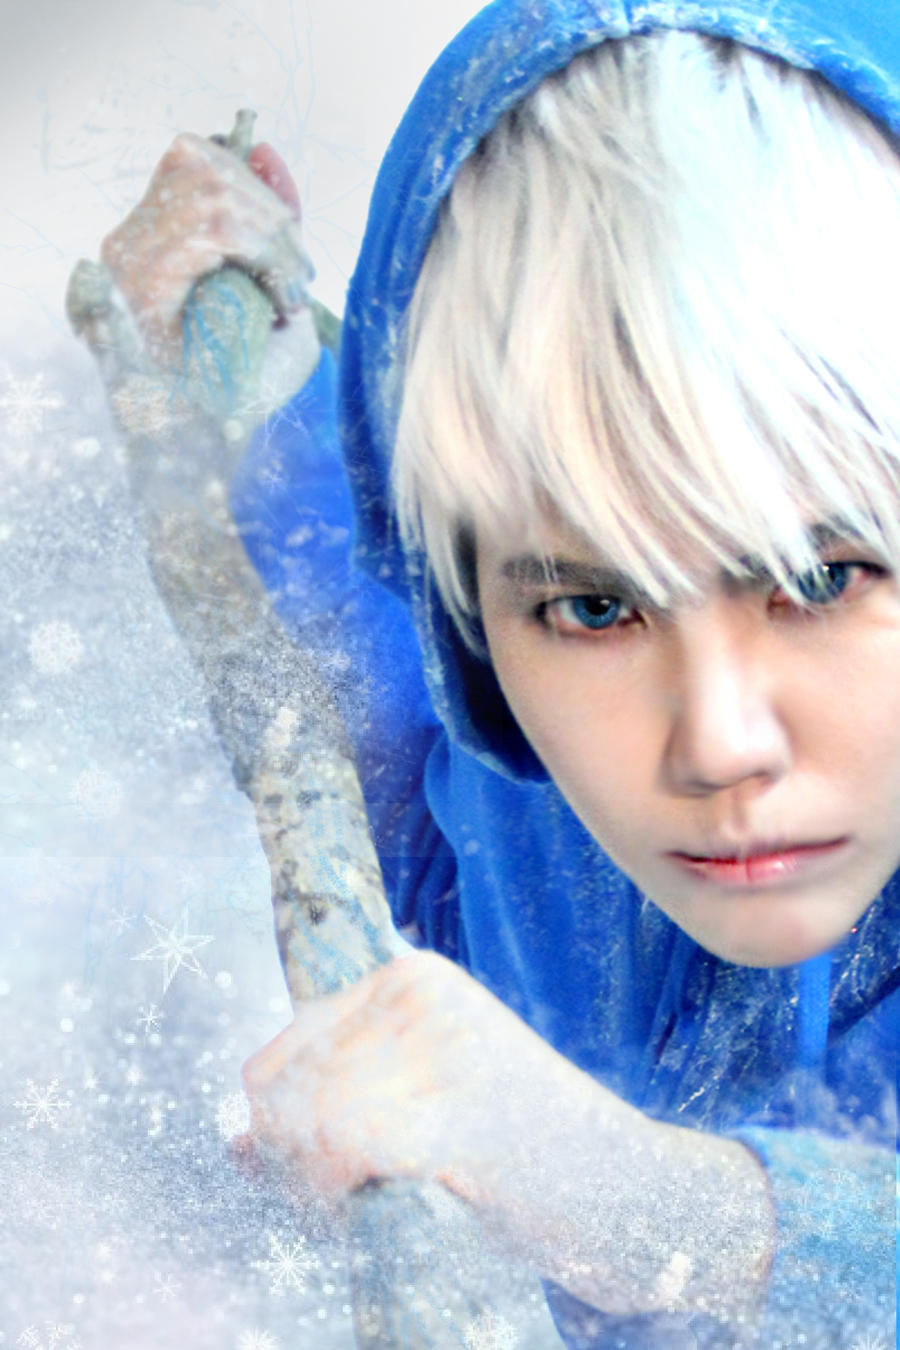 Jack Frost by Lookplu8